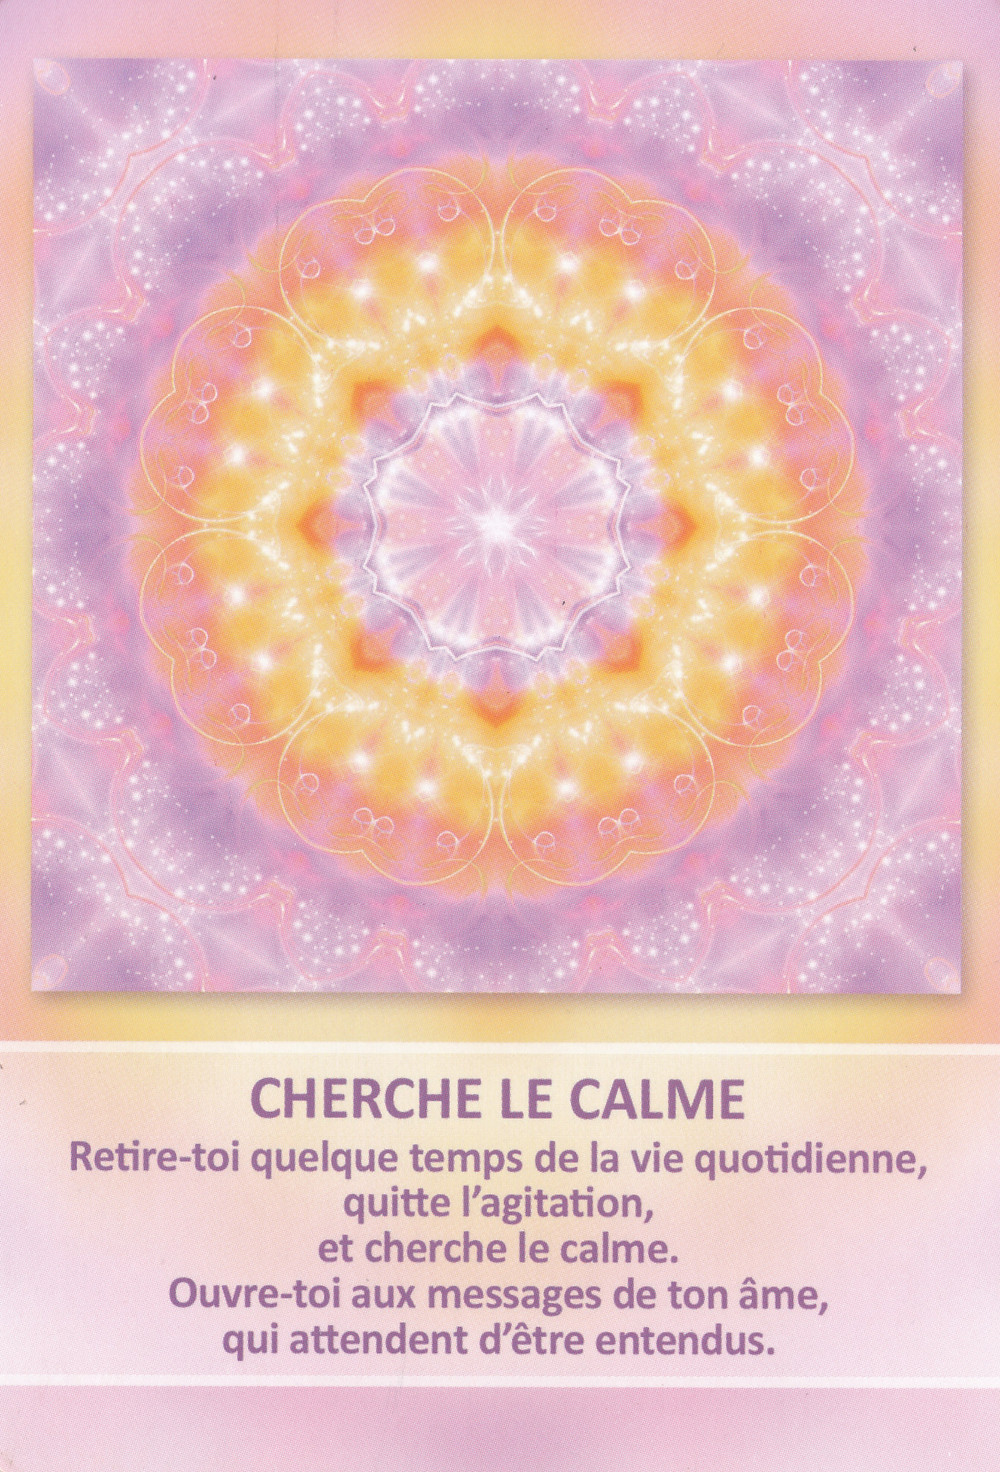 Carte tirée de l'Oracle des Mandalas d'Énergie de Gaby Shayana Hoffmann - Cherche le calme - énergies de la semaine du 8 au 14 juillet 2019 : ça chamboule ! Conseils en vue...